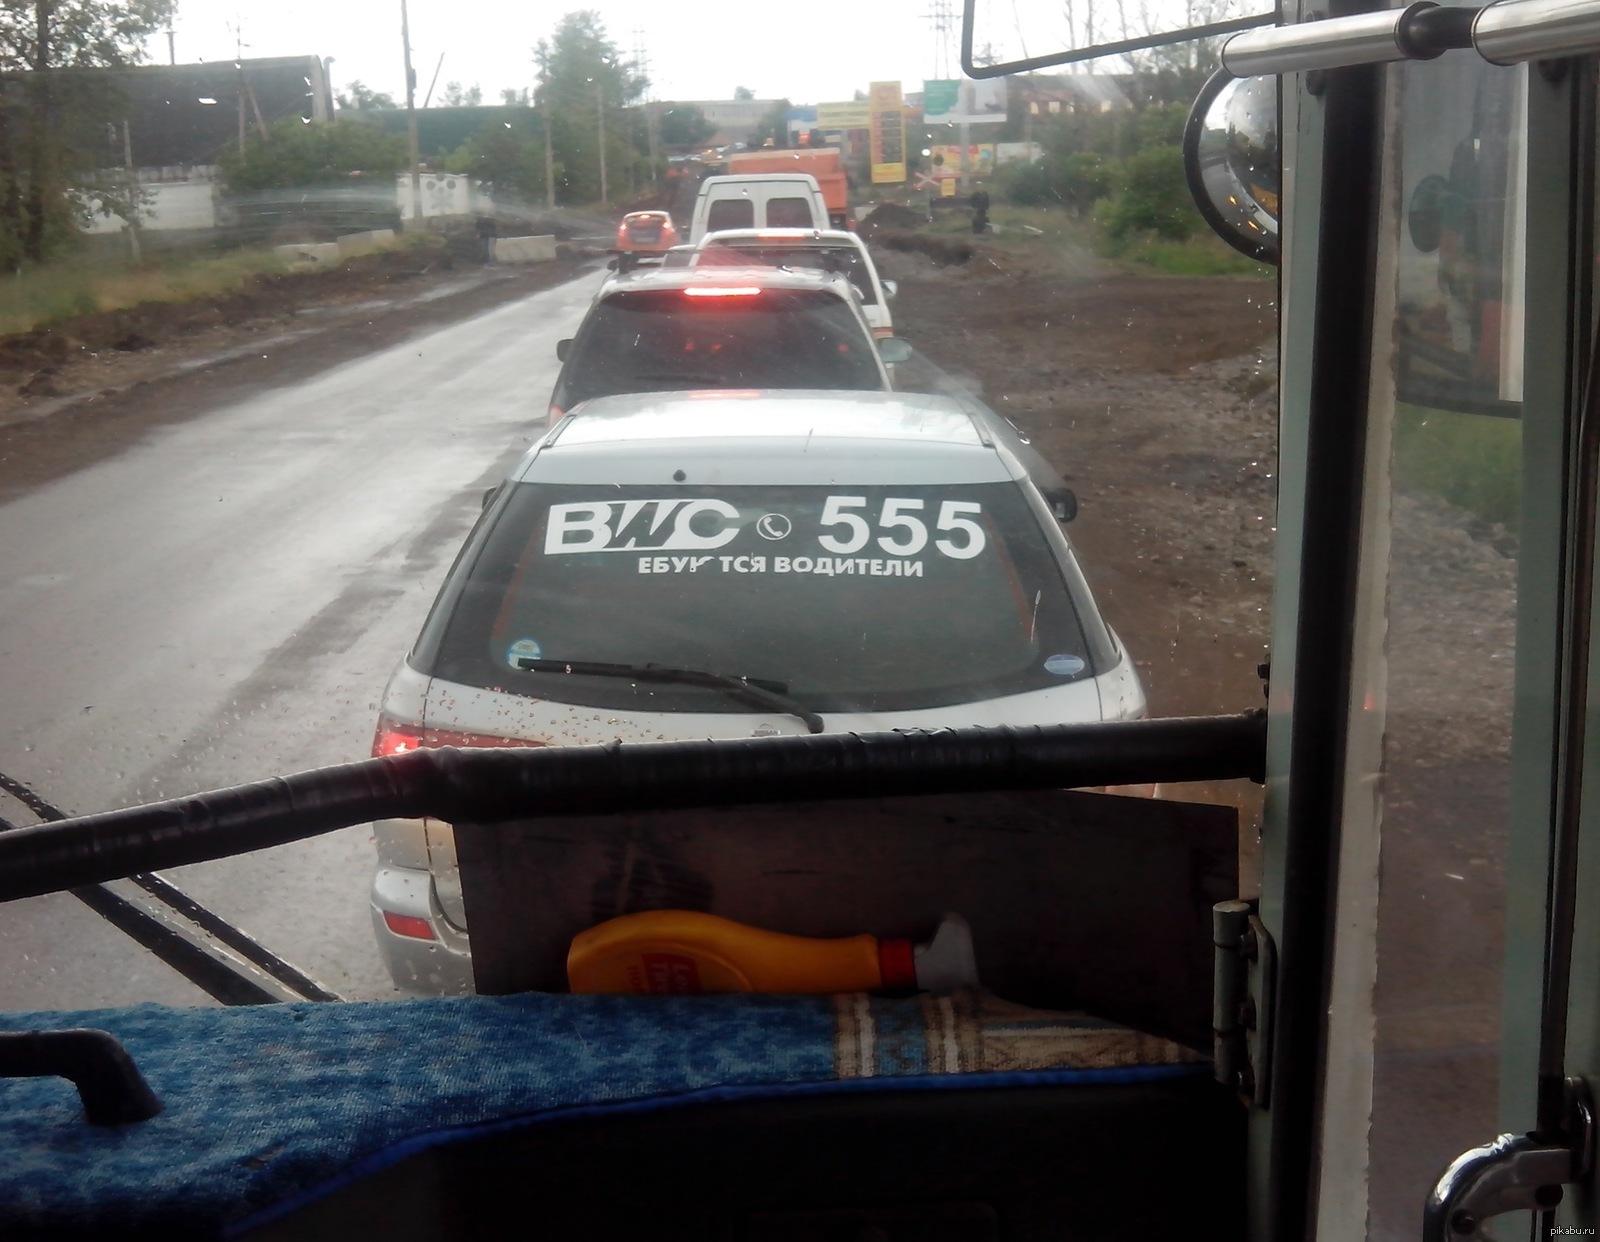 Фак такси секс, FakeTaxi - смотреть порно онлайн в HD 13 фотография